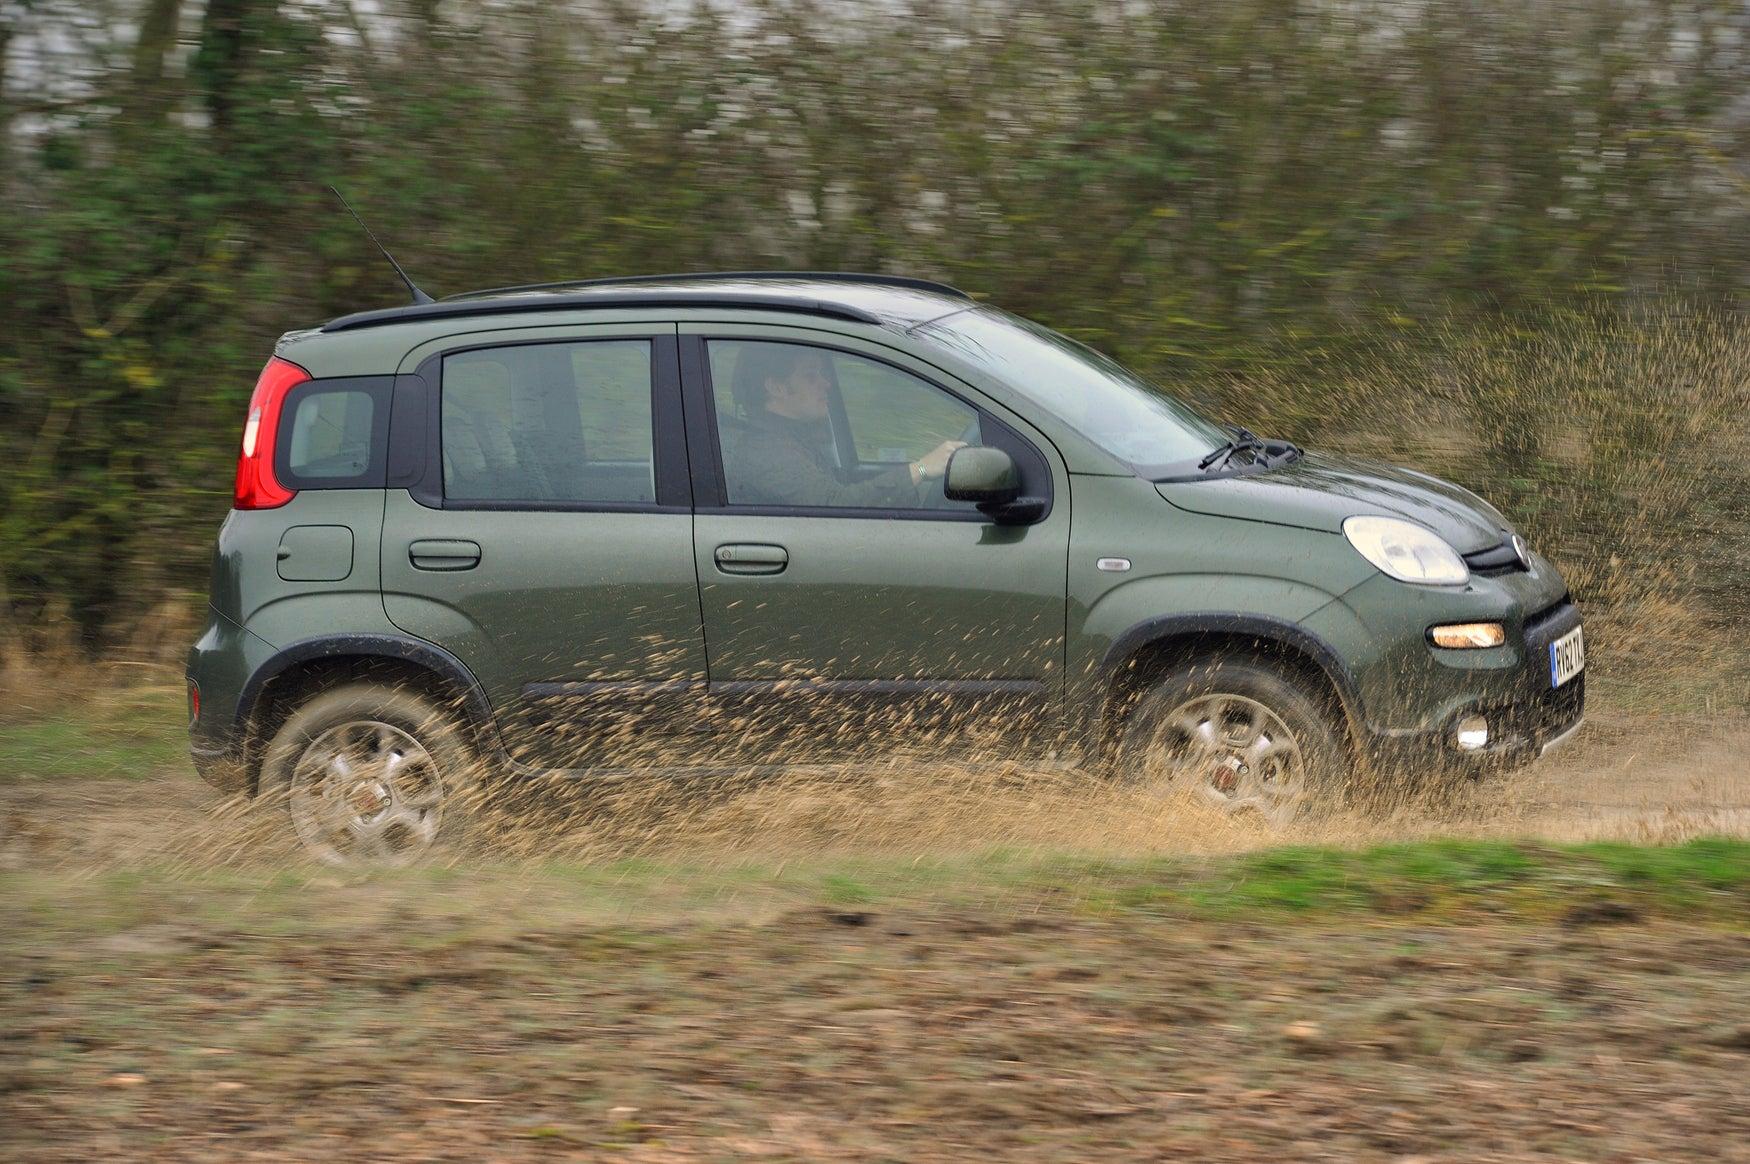 Fiat Panda 4x4 Side